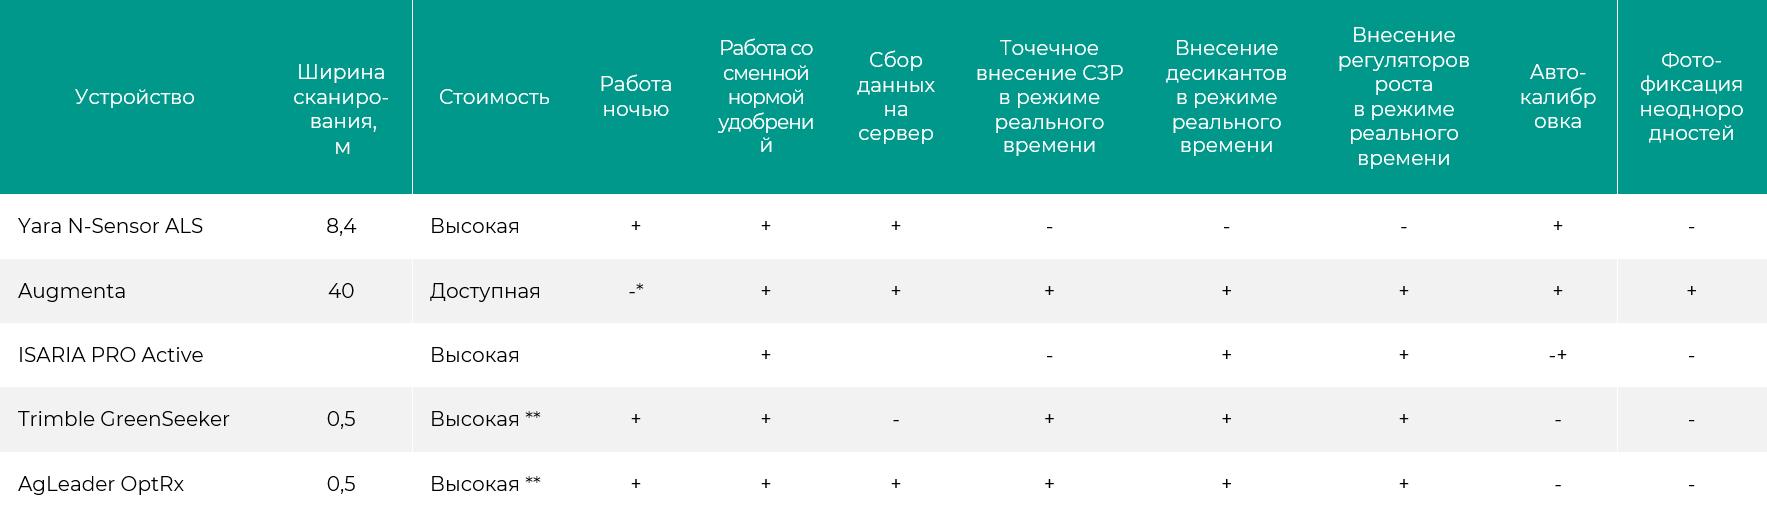 Сравнение популярных решений для экономии СЗР (на основе публичной информации)